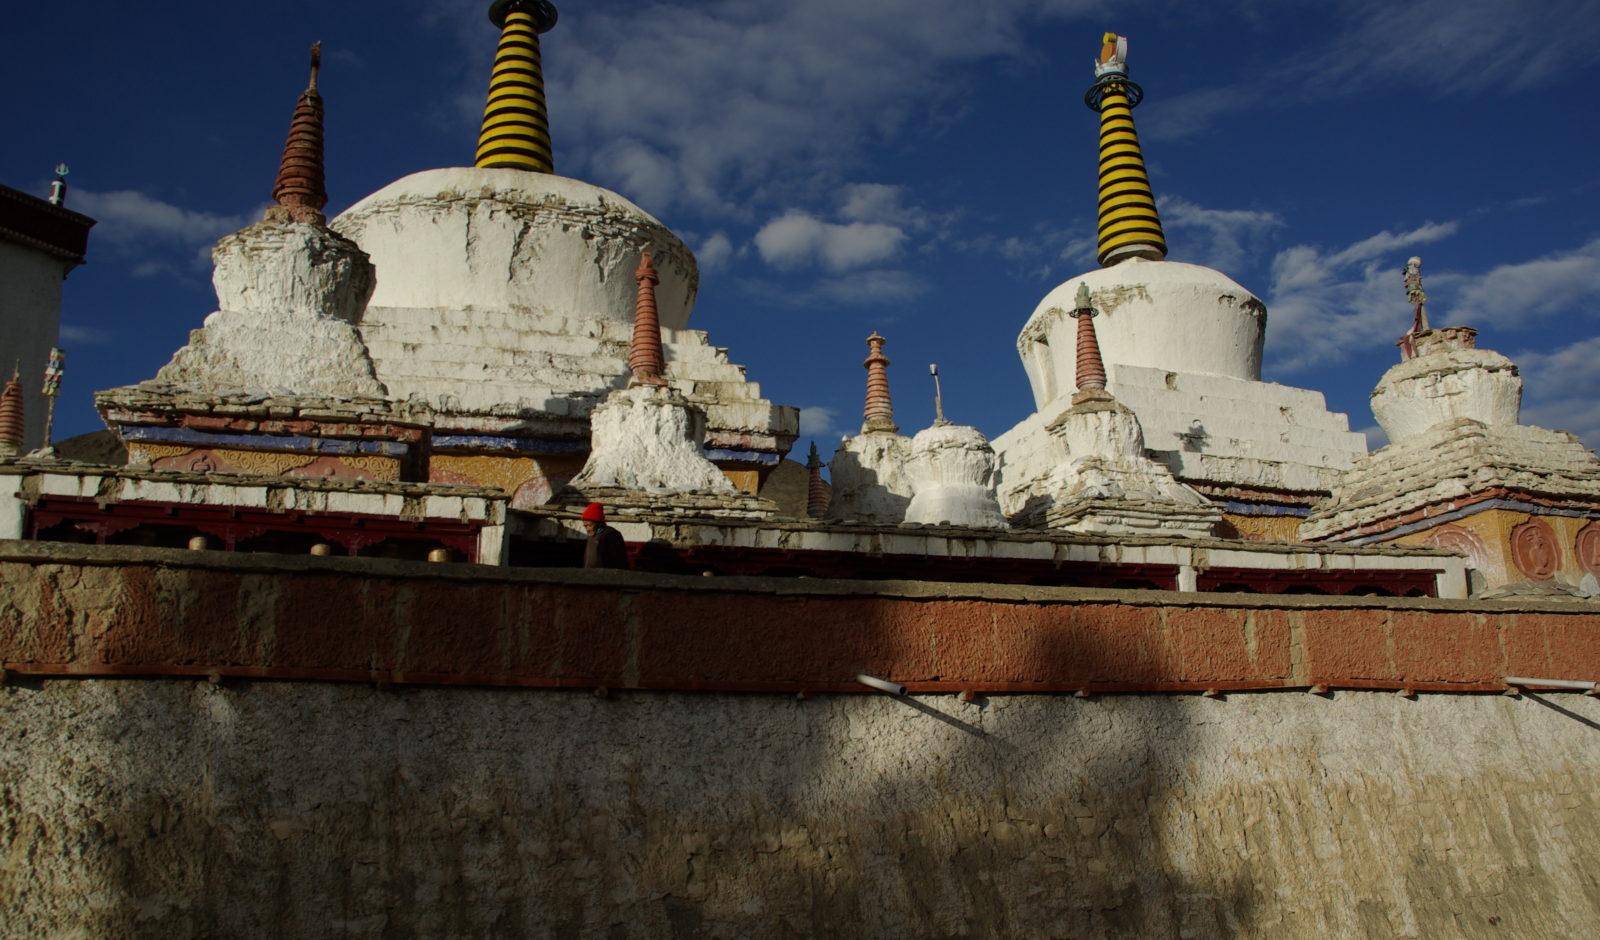 Wasp stupas